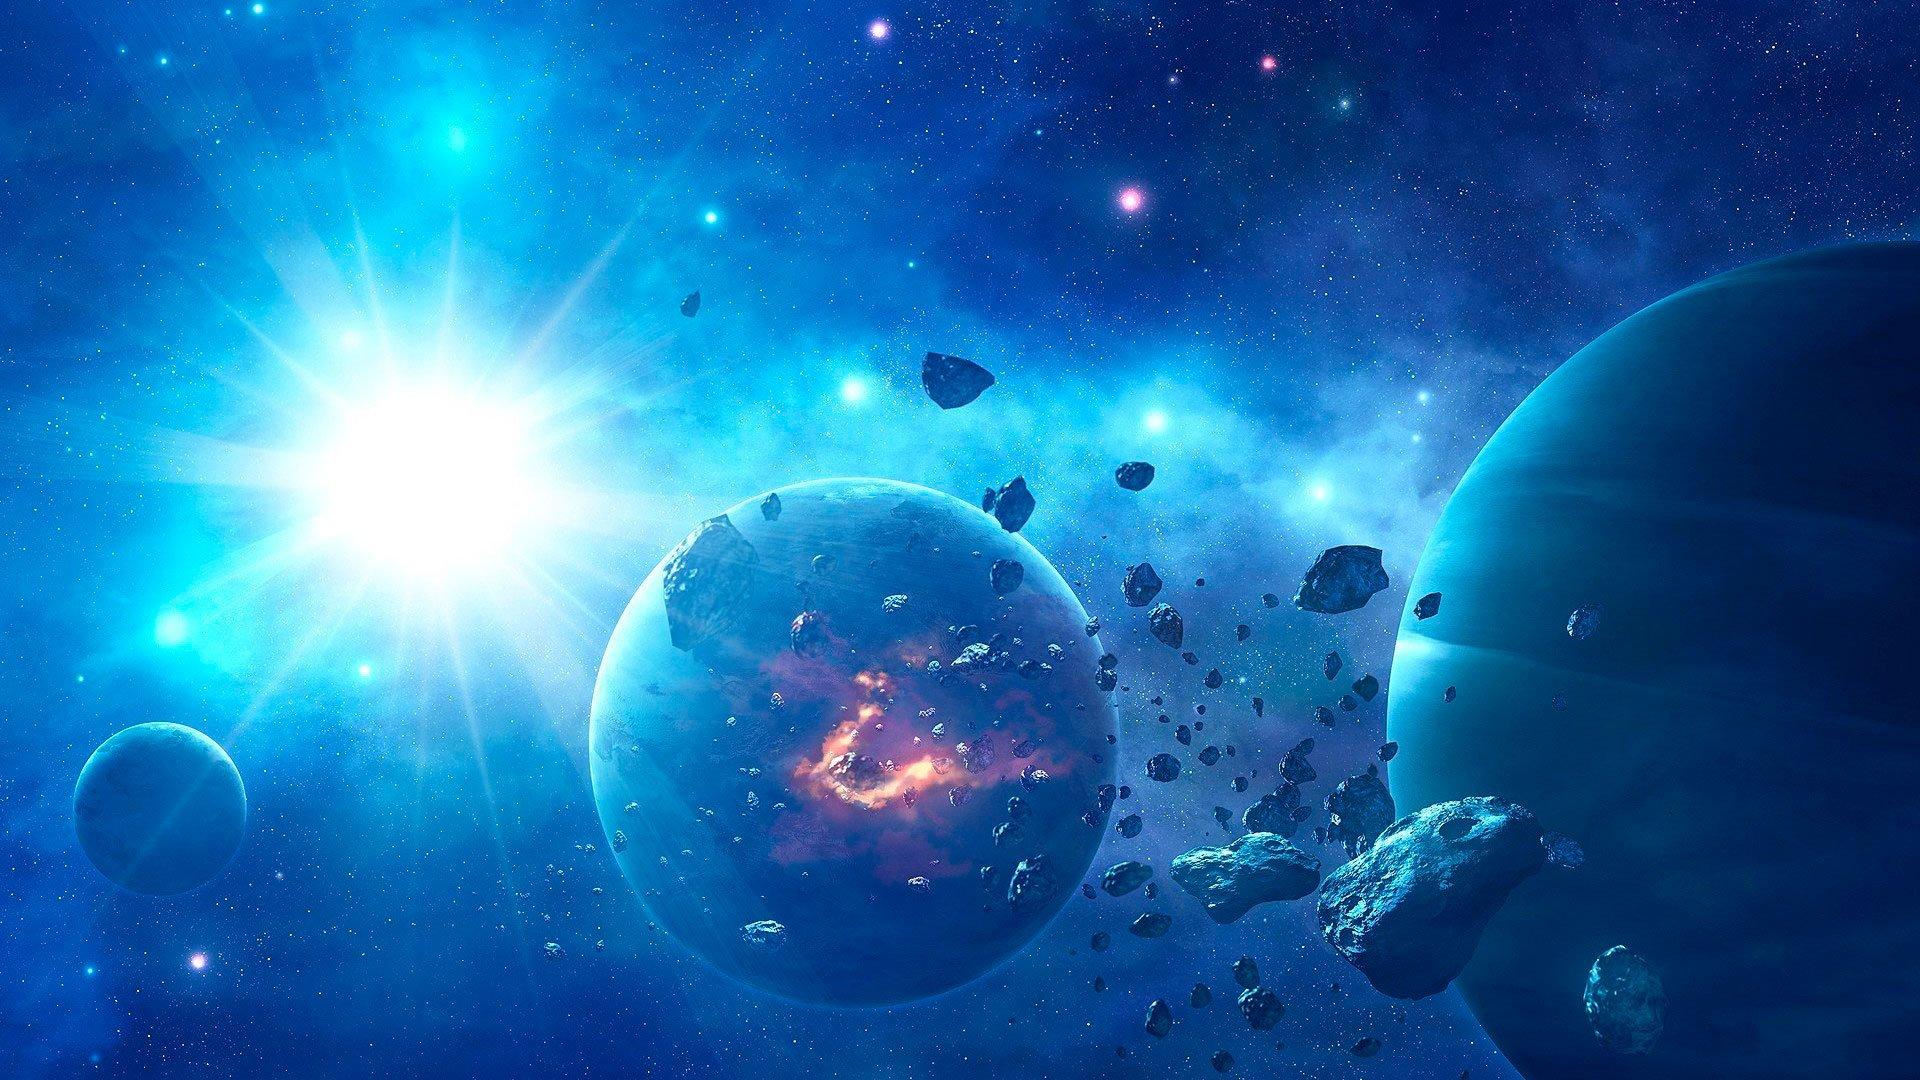 Астрономы сообщили обобнаружении одной изсамых броских звёзд